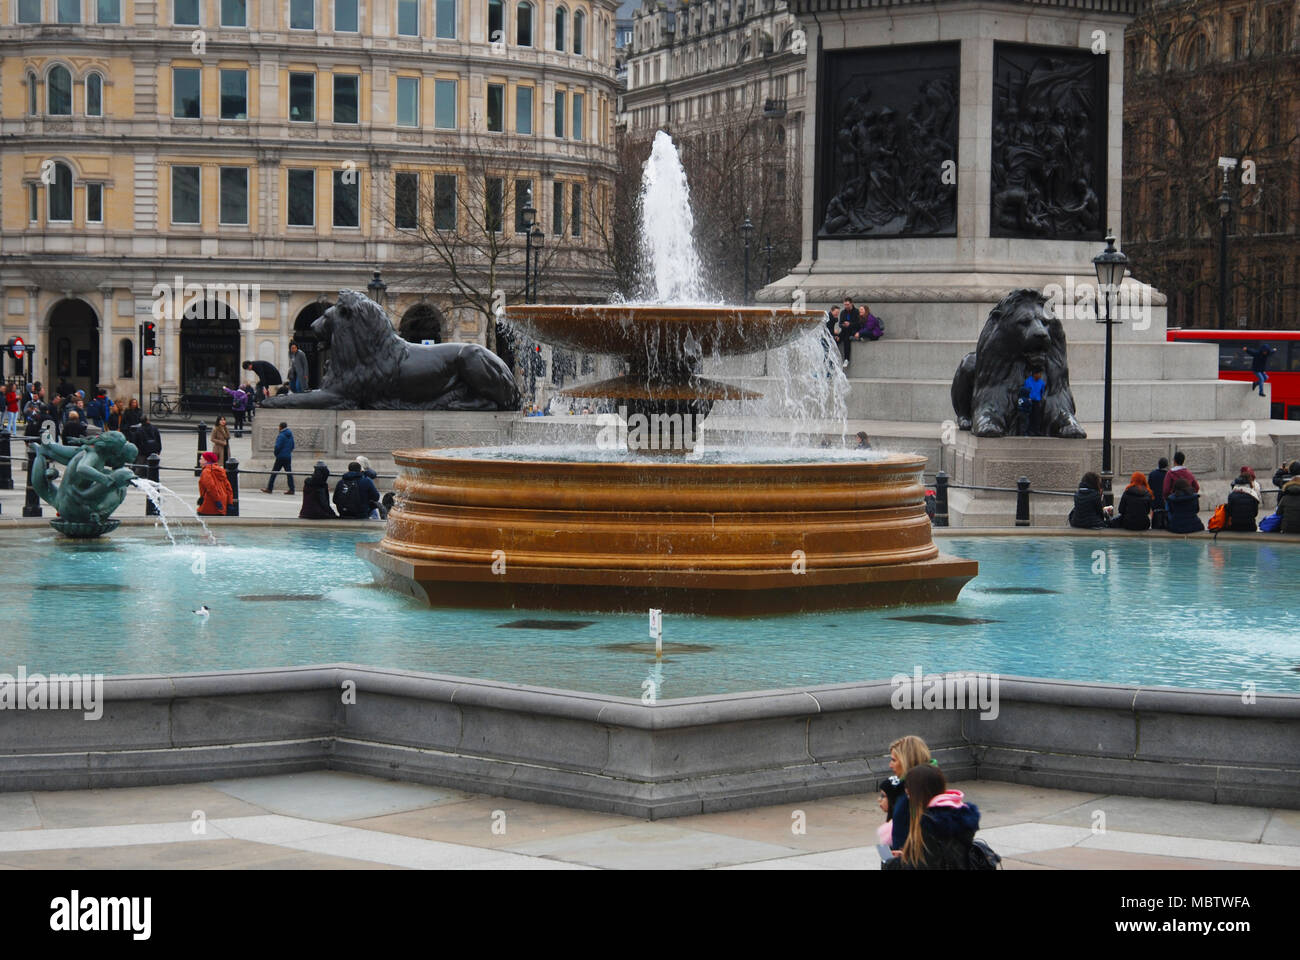 L'eau du bassin de Trafalgar Square, London Uk Close up Travel. Mars 2018 Photo Stock